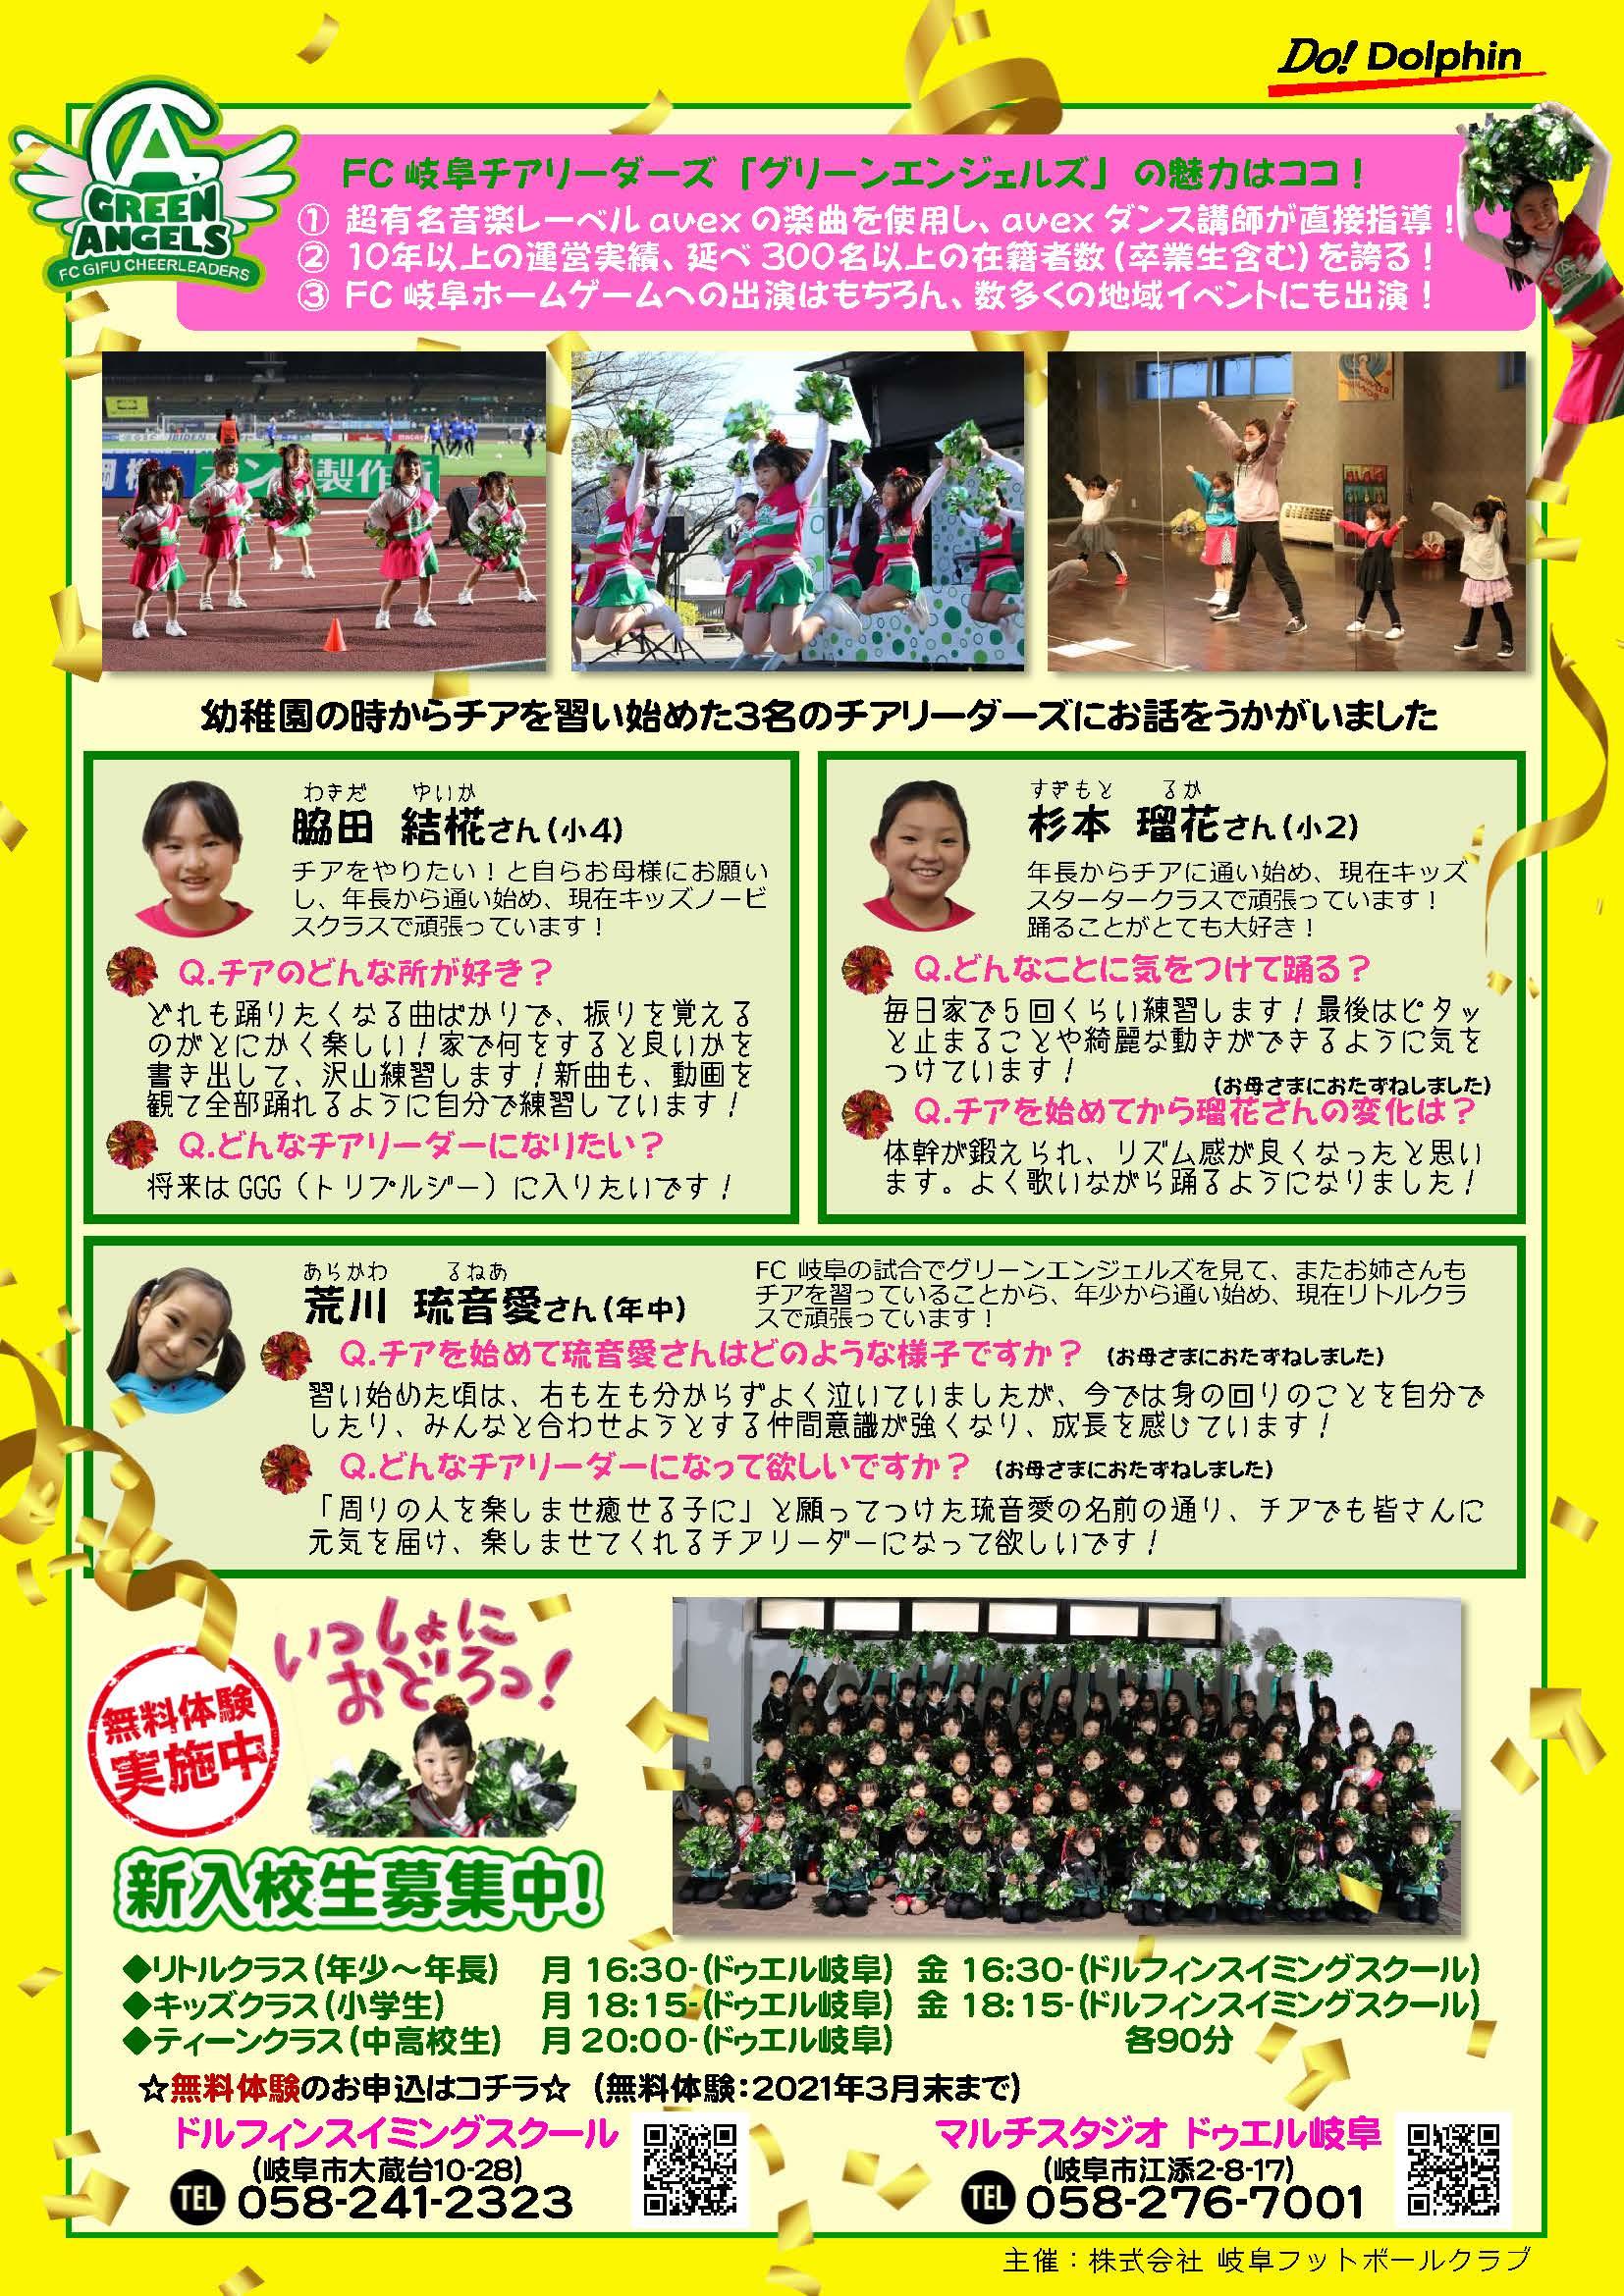 ドルフィン広報誌2月号校了_ページ_2